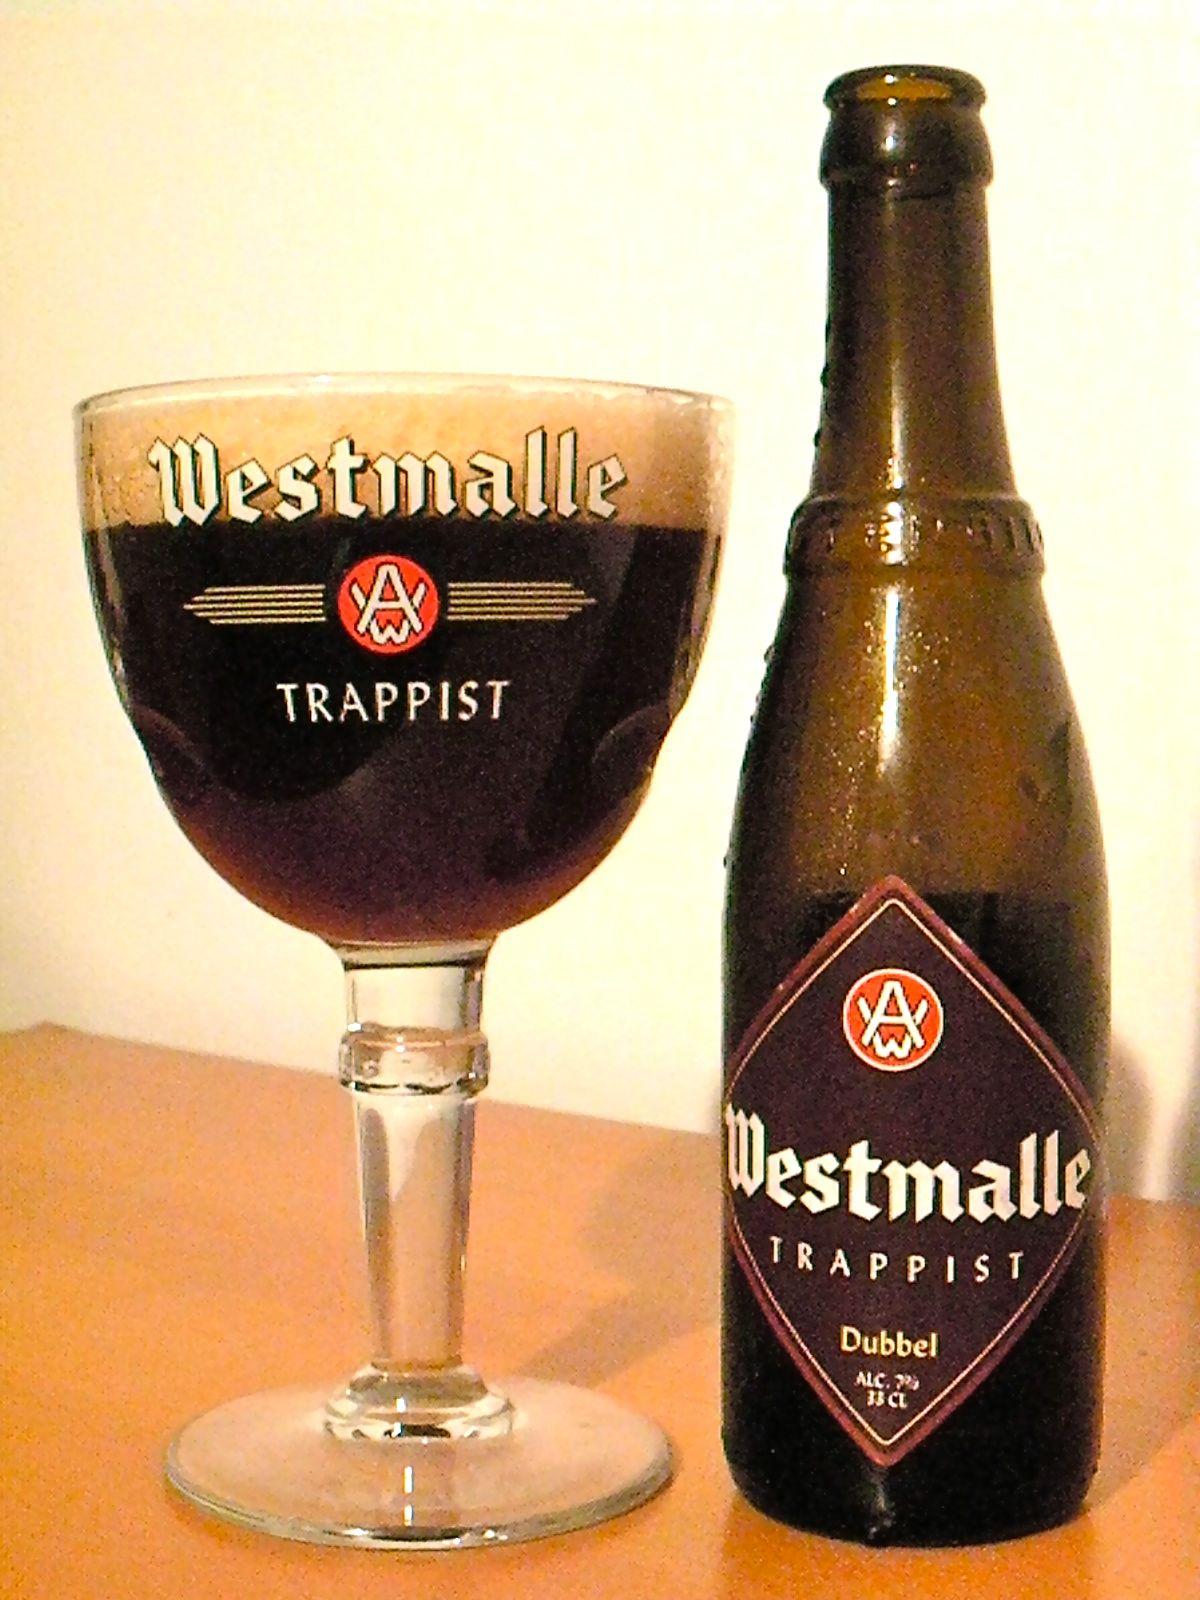 Afbeeldingsresultaat voor Trappist Westmalle